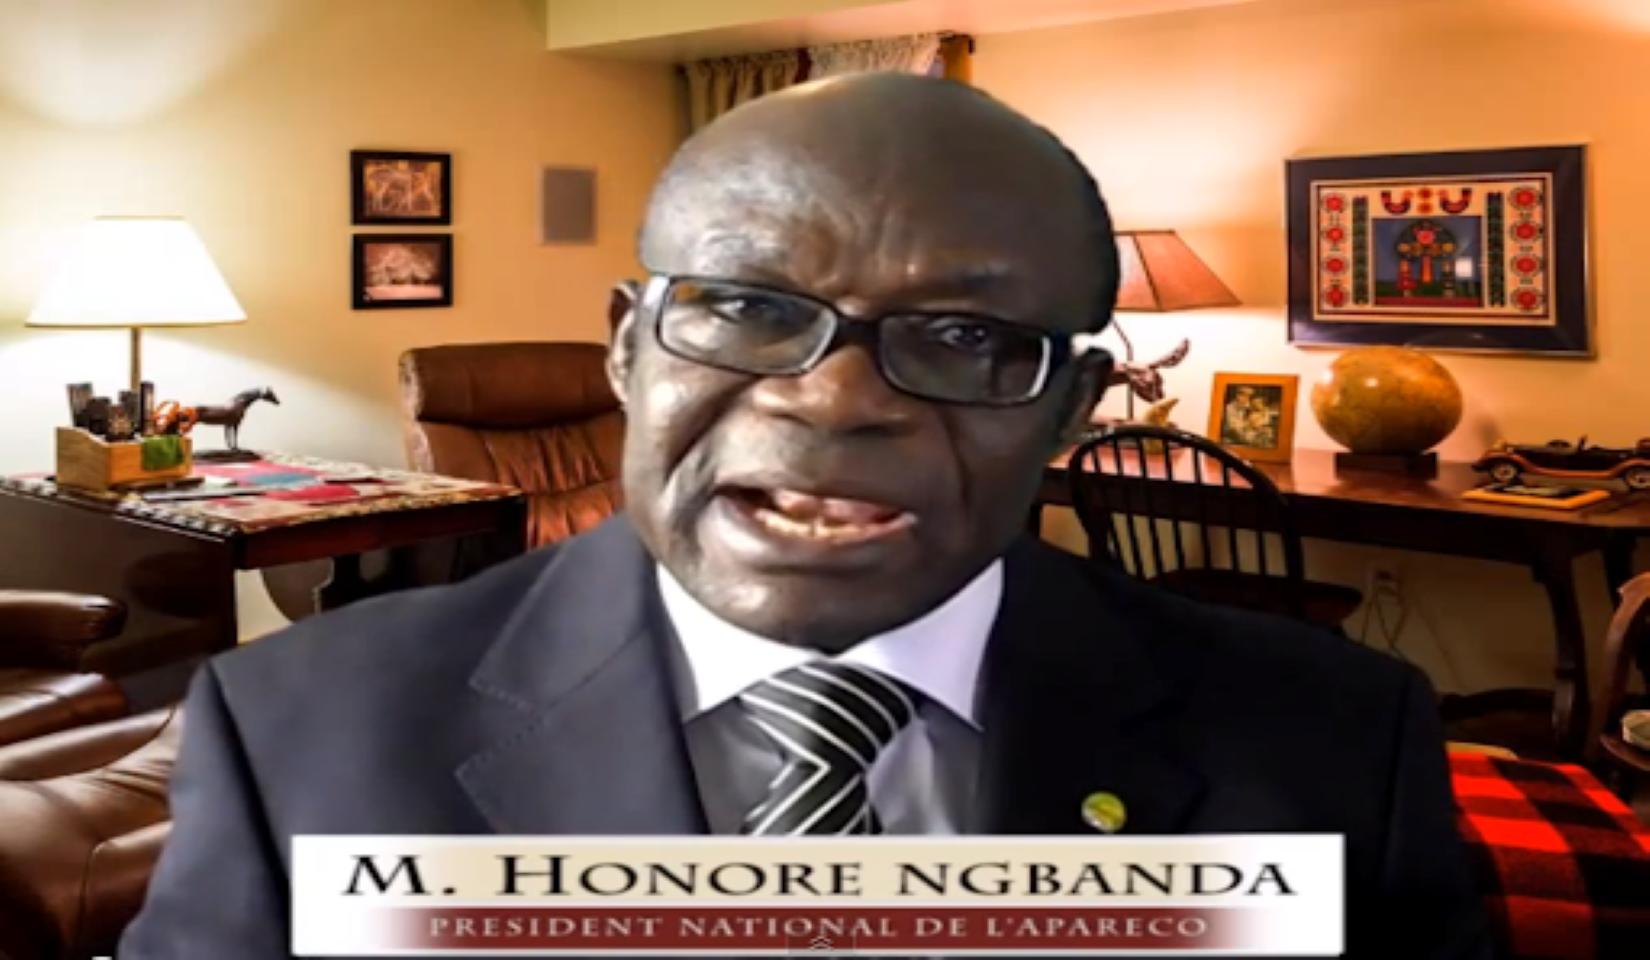 RDC: Honoré Ngbanda, ex-conseiller spécial du president Mobutu, est mort au Maroc